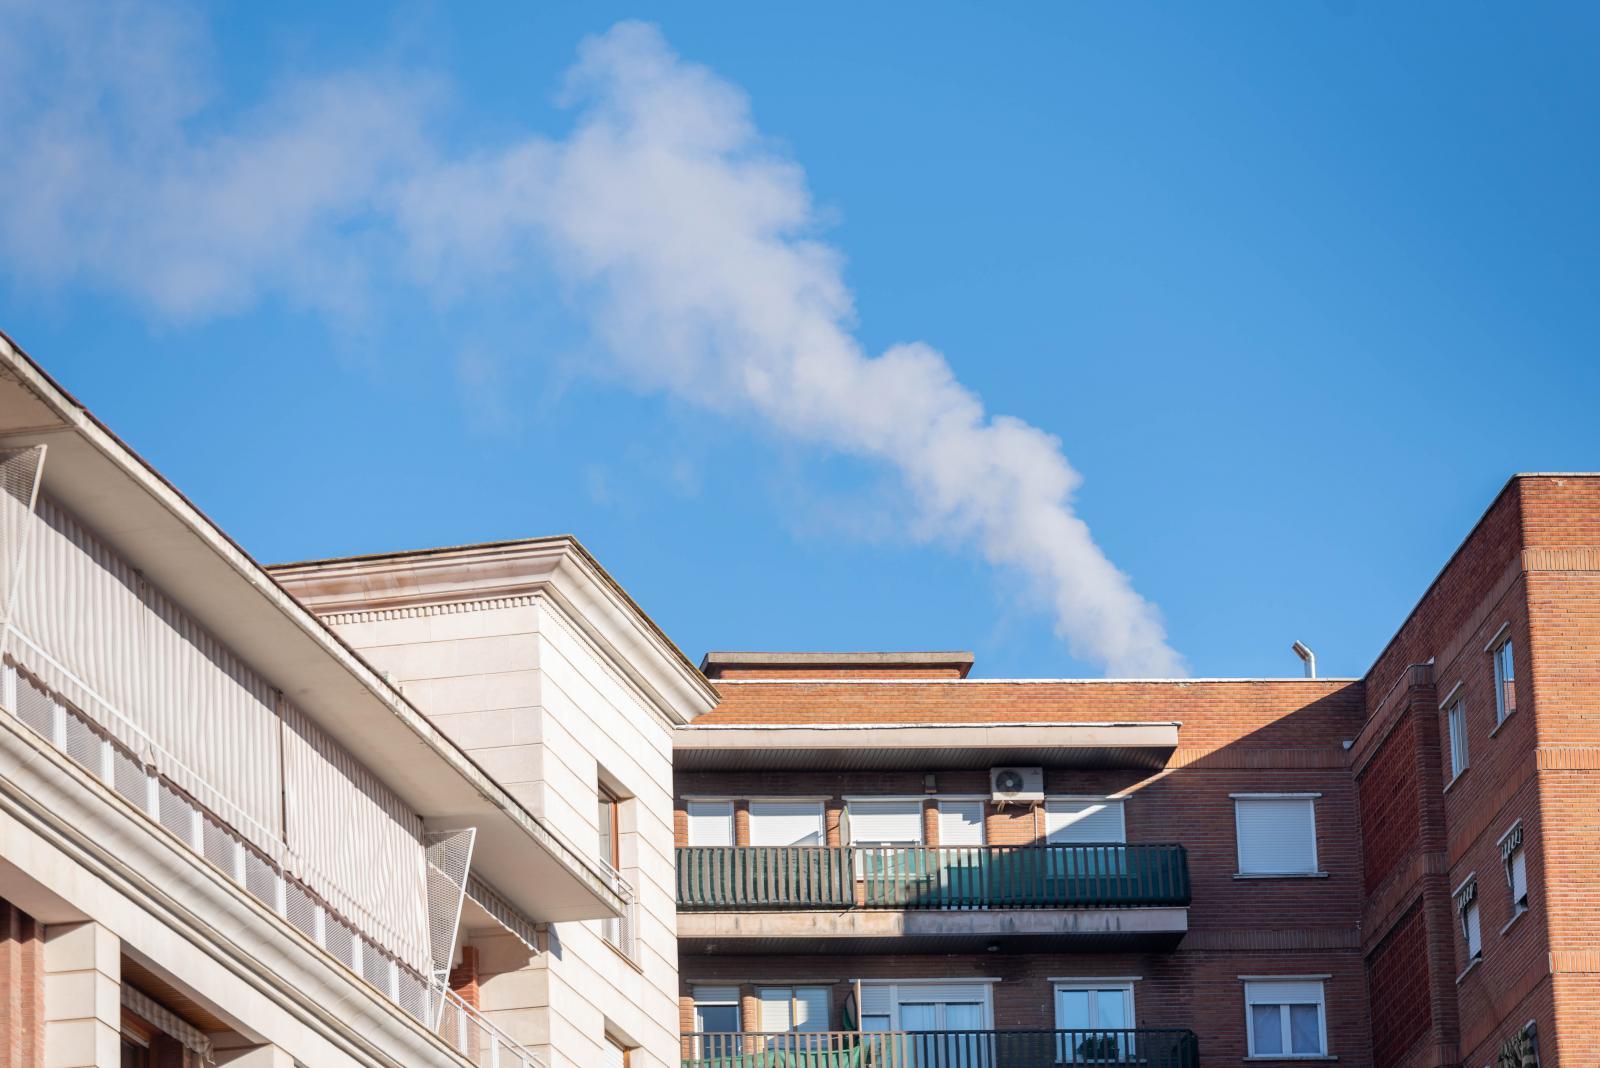 La Central Térmica de Biomasa de Guadalajara registra valores de Óxidos de Nitrógeno un 70 por ciento más bajos que los permitidos